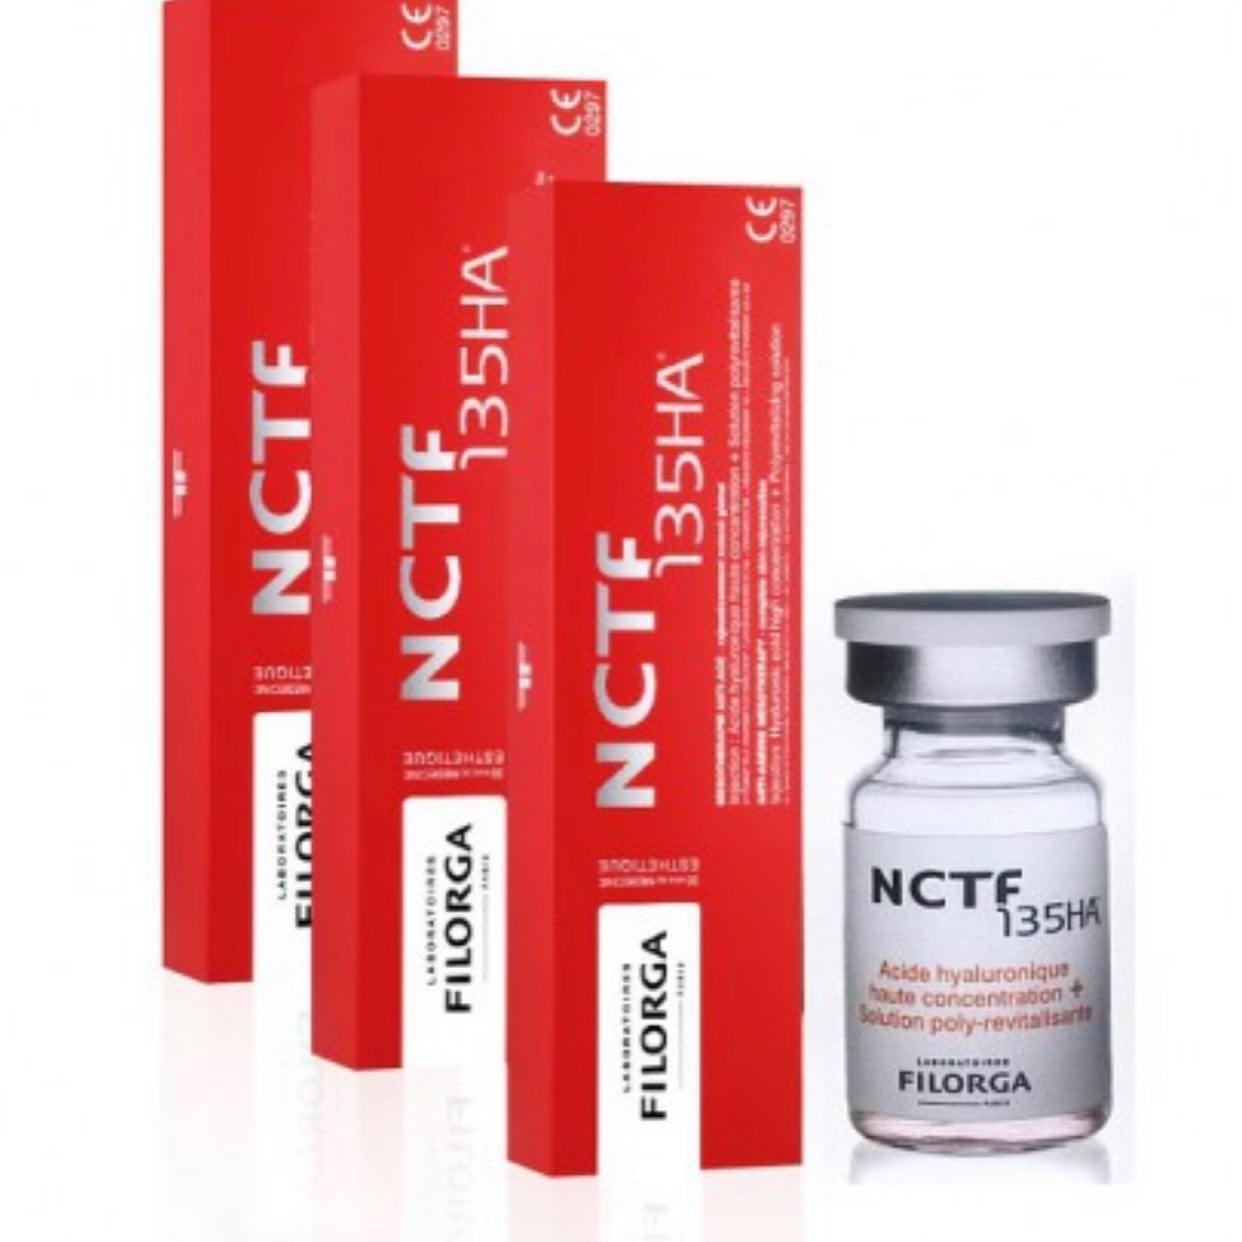 NCTF 135HA - preparat do mezoterapii igłowej